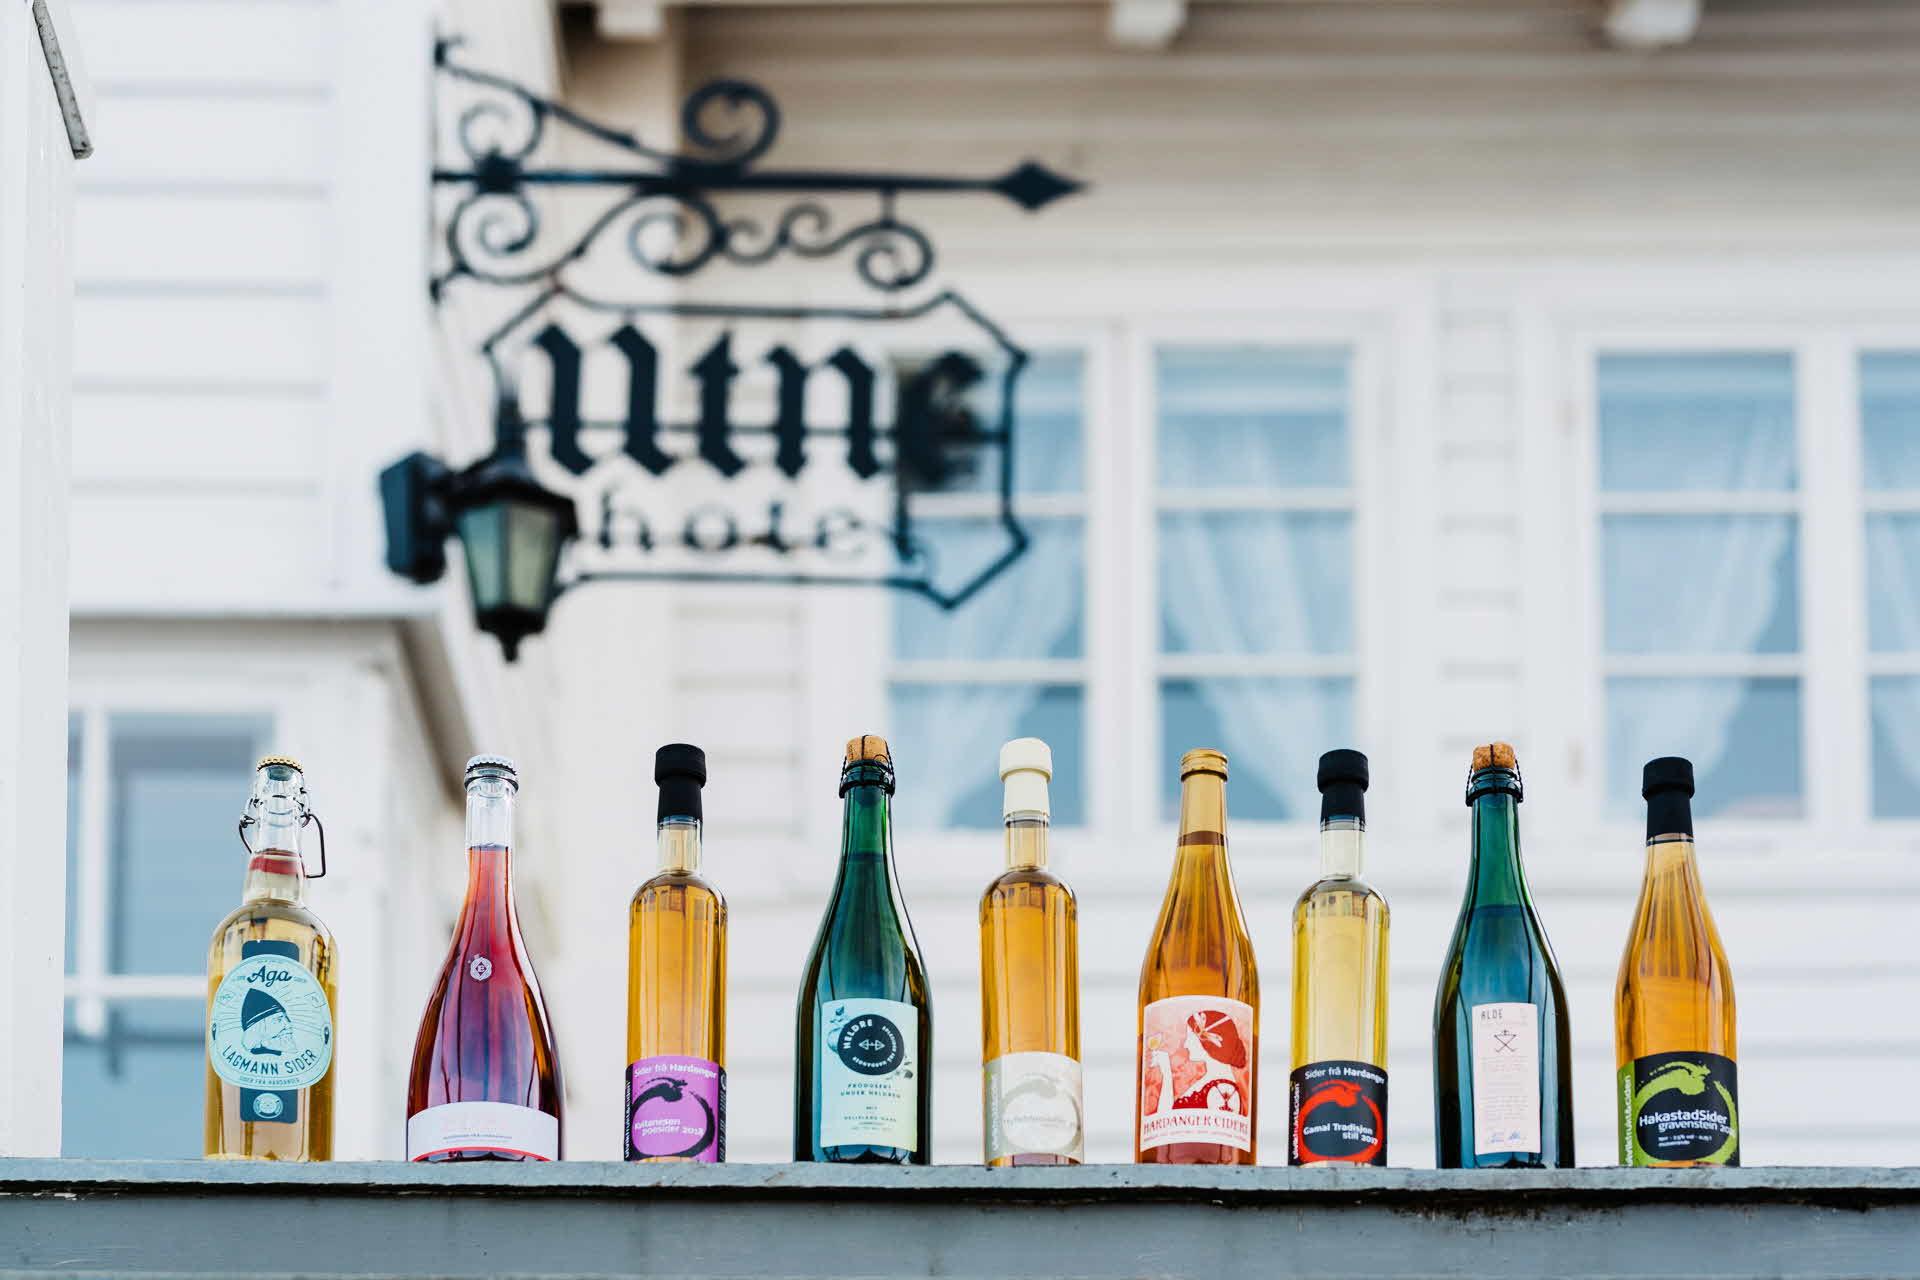 Nueve botellas de sidra con diferentes formas alineadas sobre una barandilla fuera del Utne Hotel de Hardanger (Noruega)